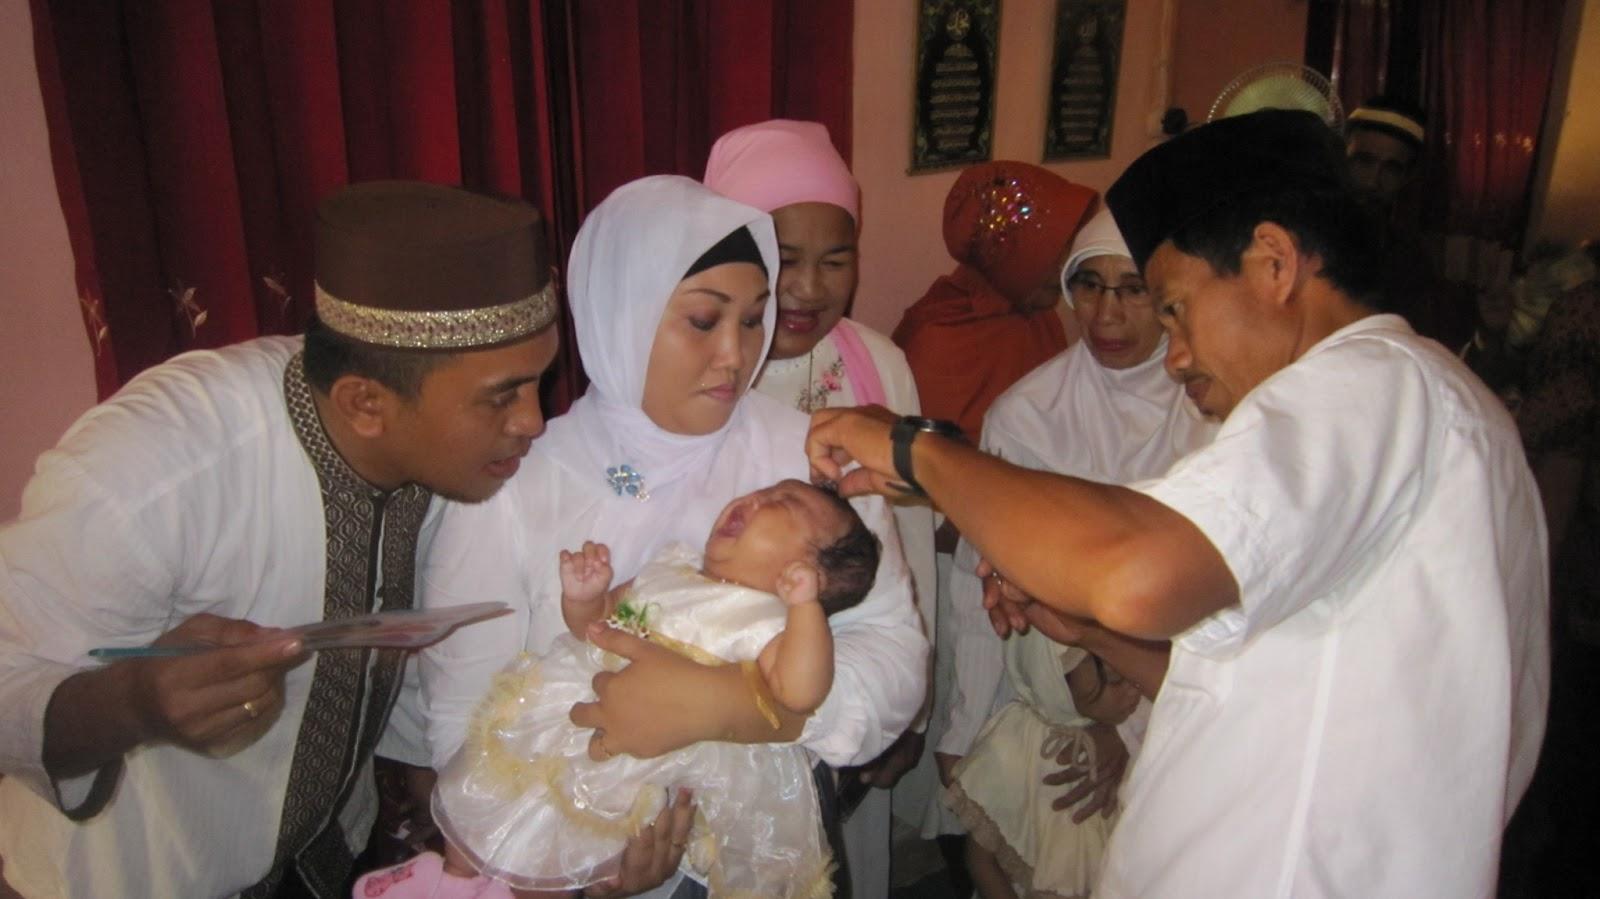 prosesi acara aqiqah untuk anak laki-laki tentu berbeda dengan perempuan